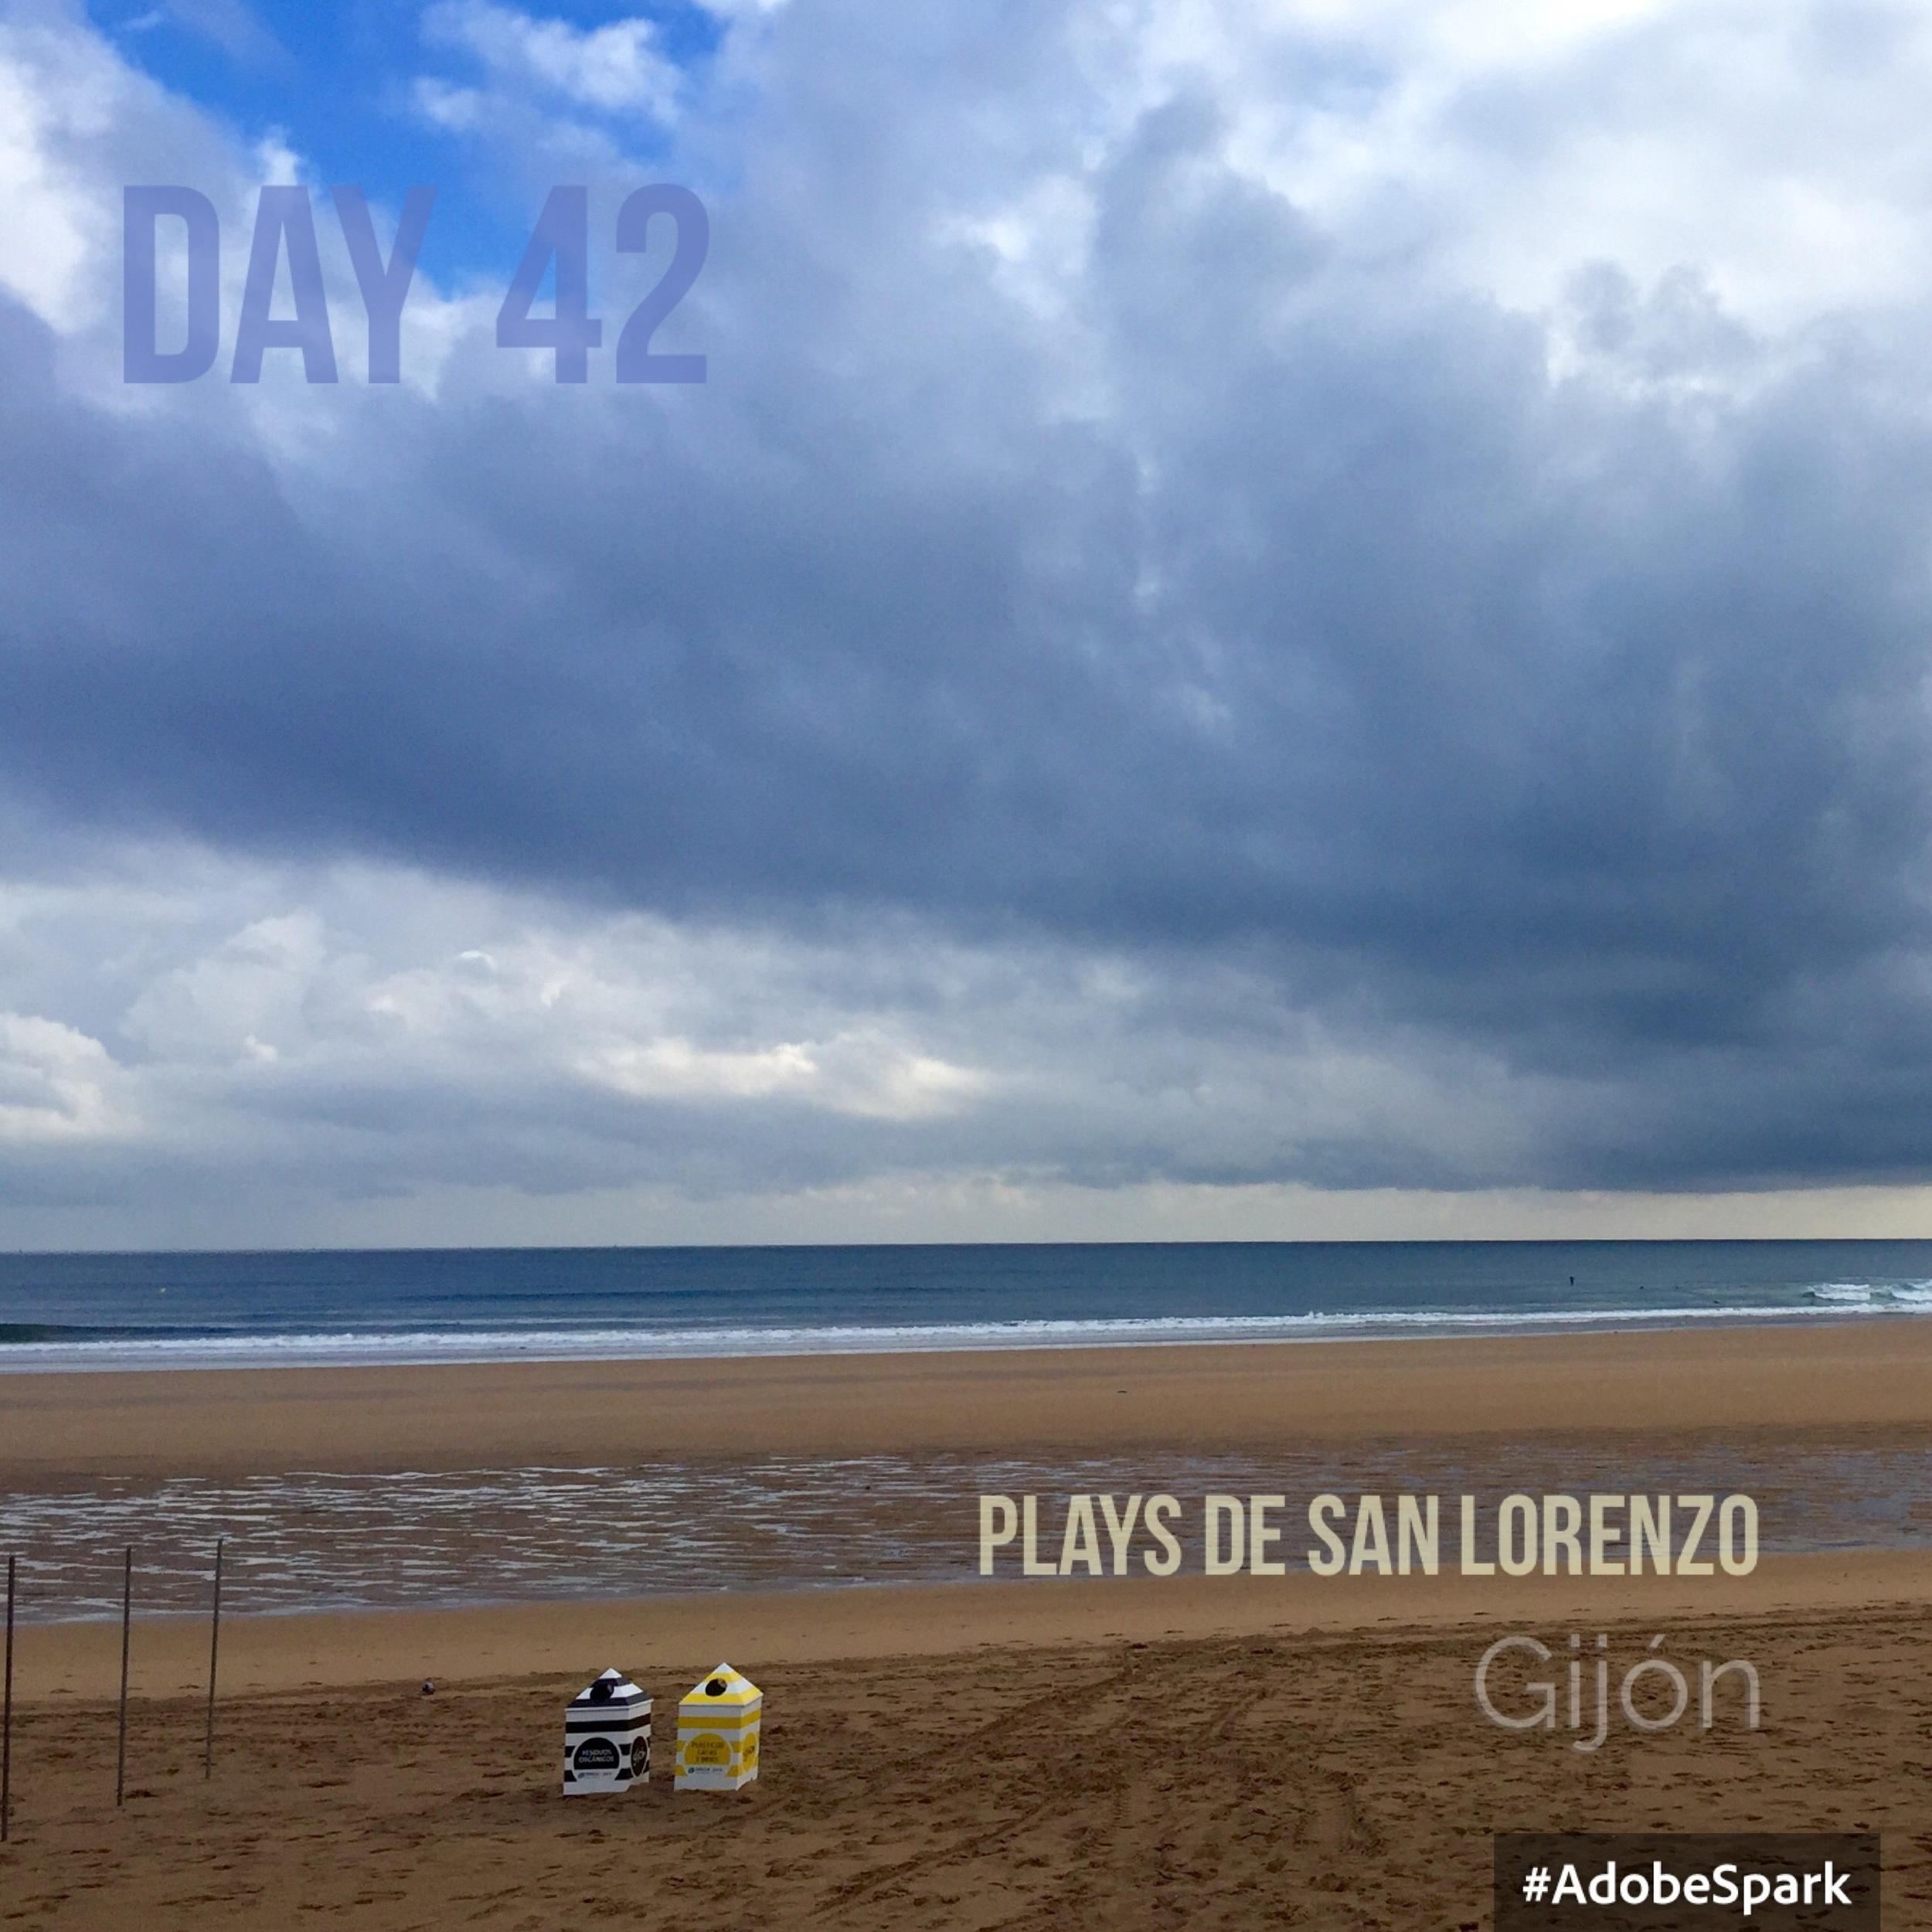 The town beach at Gijón